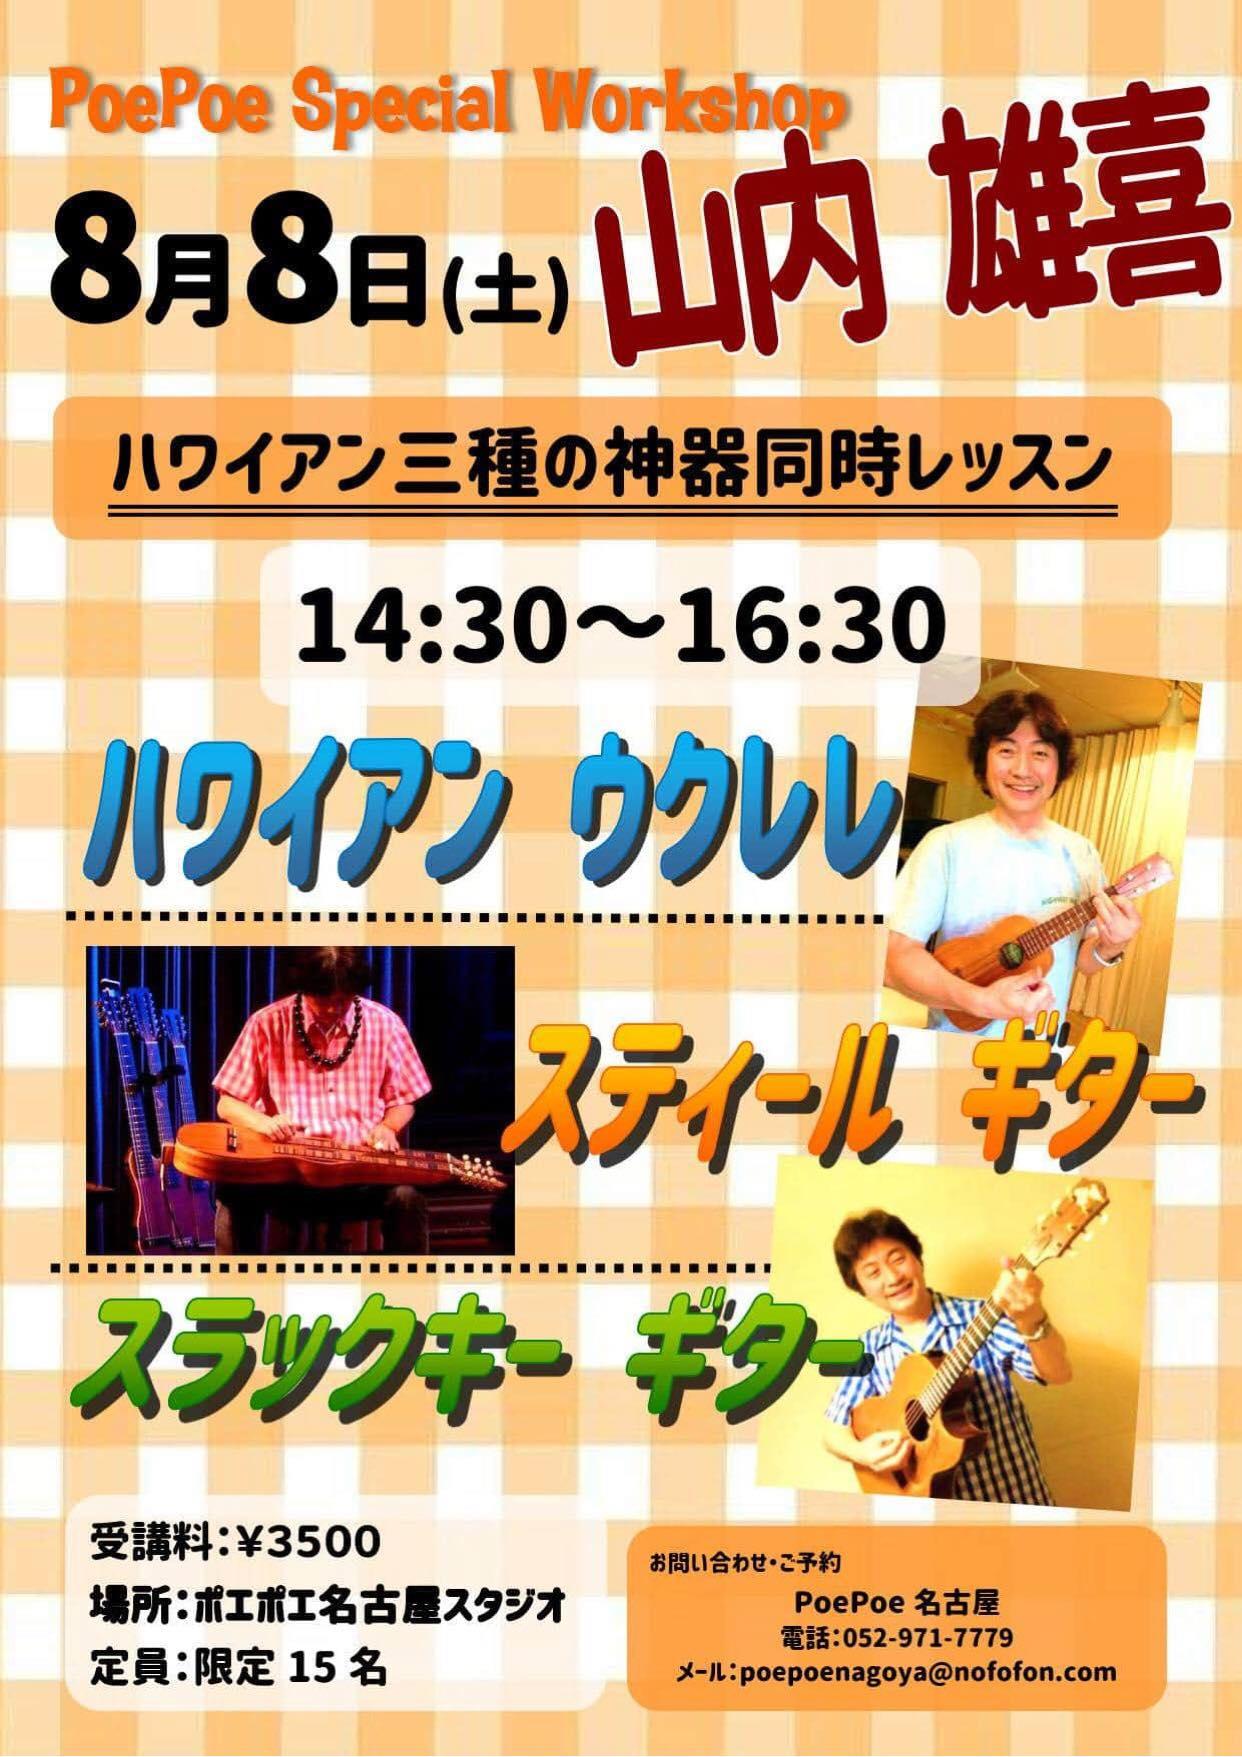 愛知 ʻUkulele, Steel Guitar, Slack Key Guitar Workshop @ ポエポエ 名古屋 スタジオ | 名古屋市 | 愛知県 | 日本